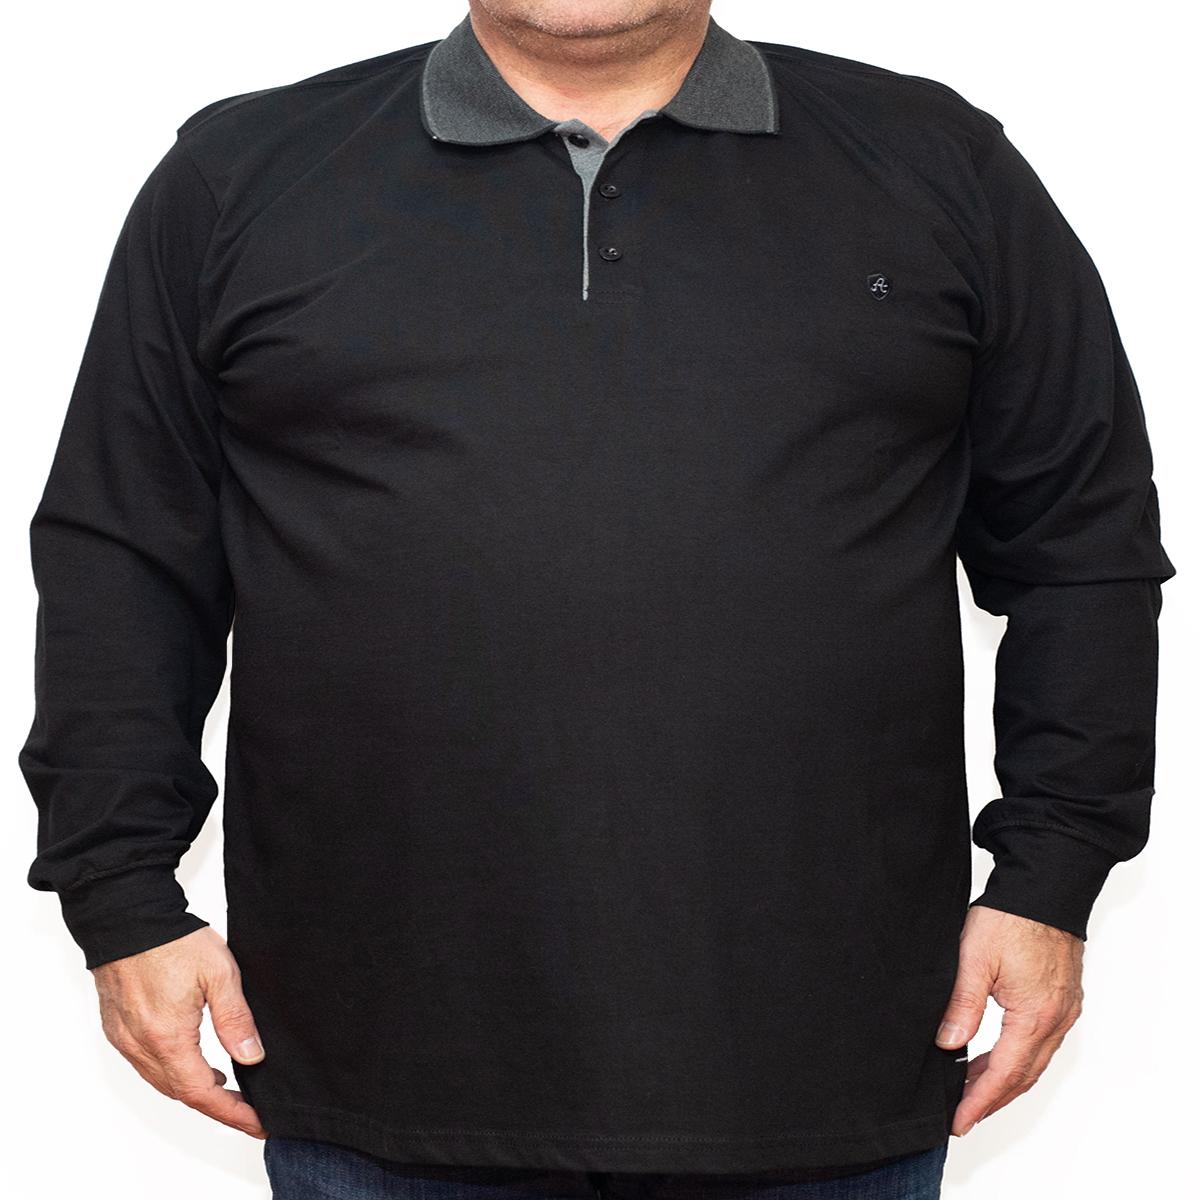 Bluza subtire neagra cu guler , Marime 6XL - egato.ro